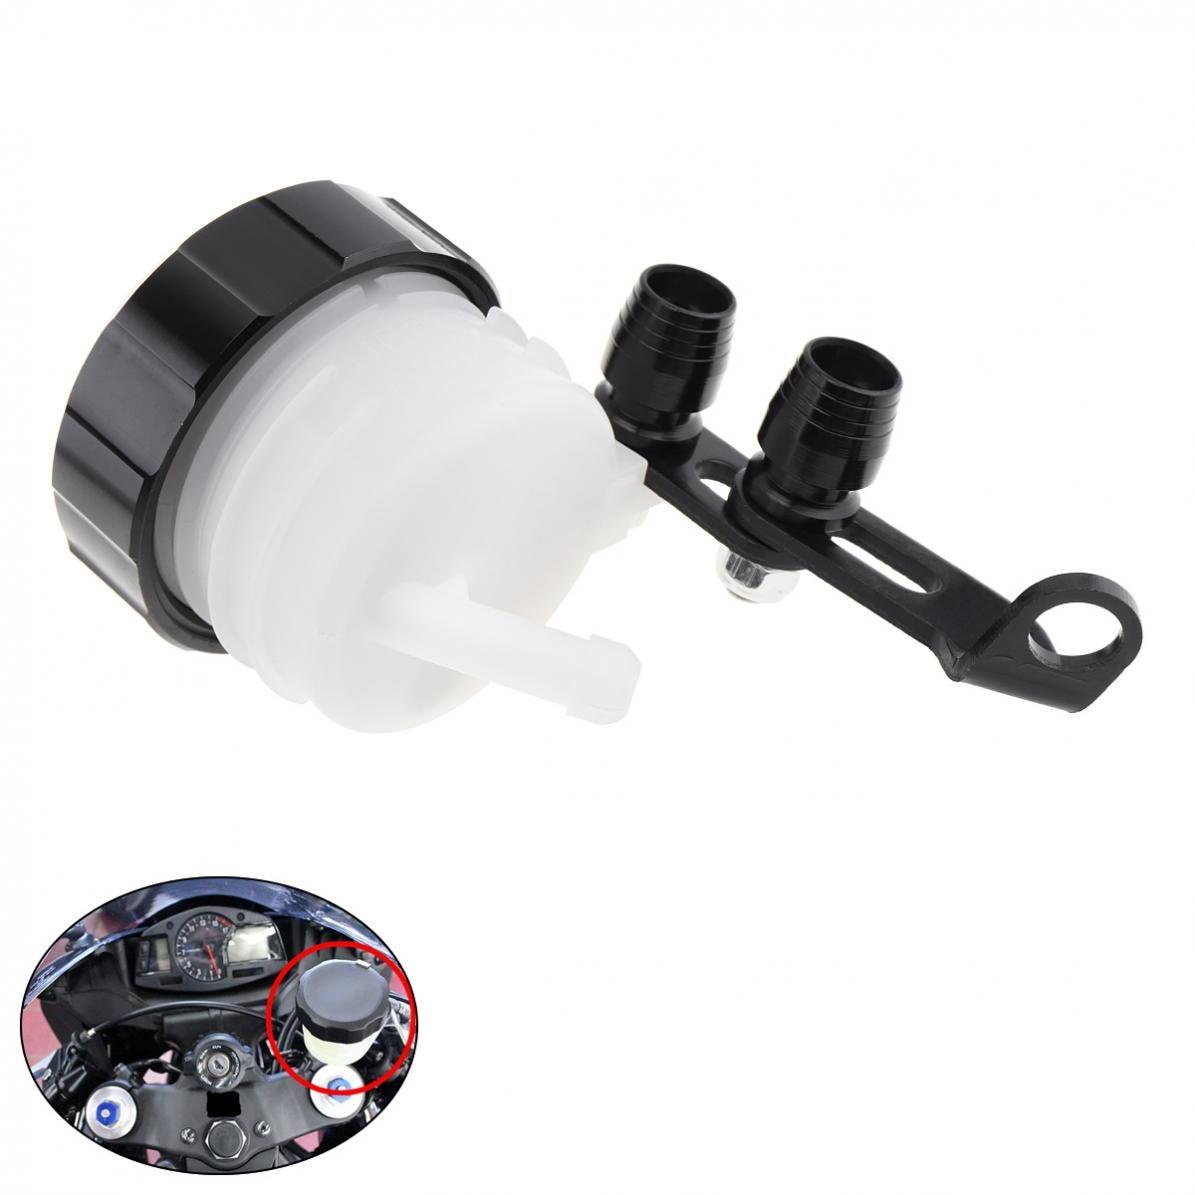 Cilindro principal de freno para motocicleta, depósito de fluido de plástico, bomba de embrague para vaso de aceite, depósito grande de plástico para Suzuki / GSXR 600